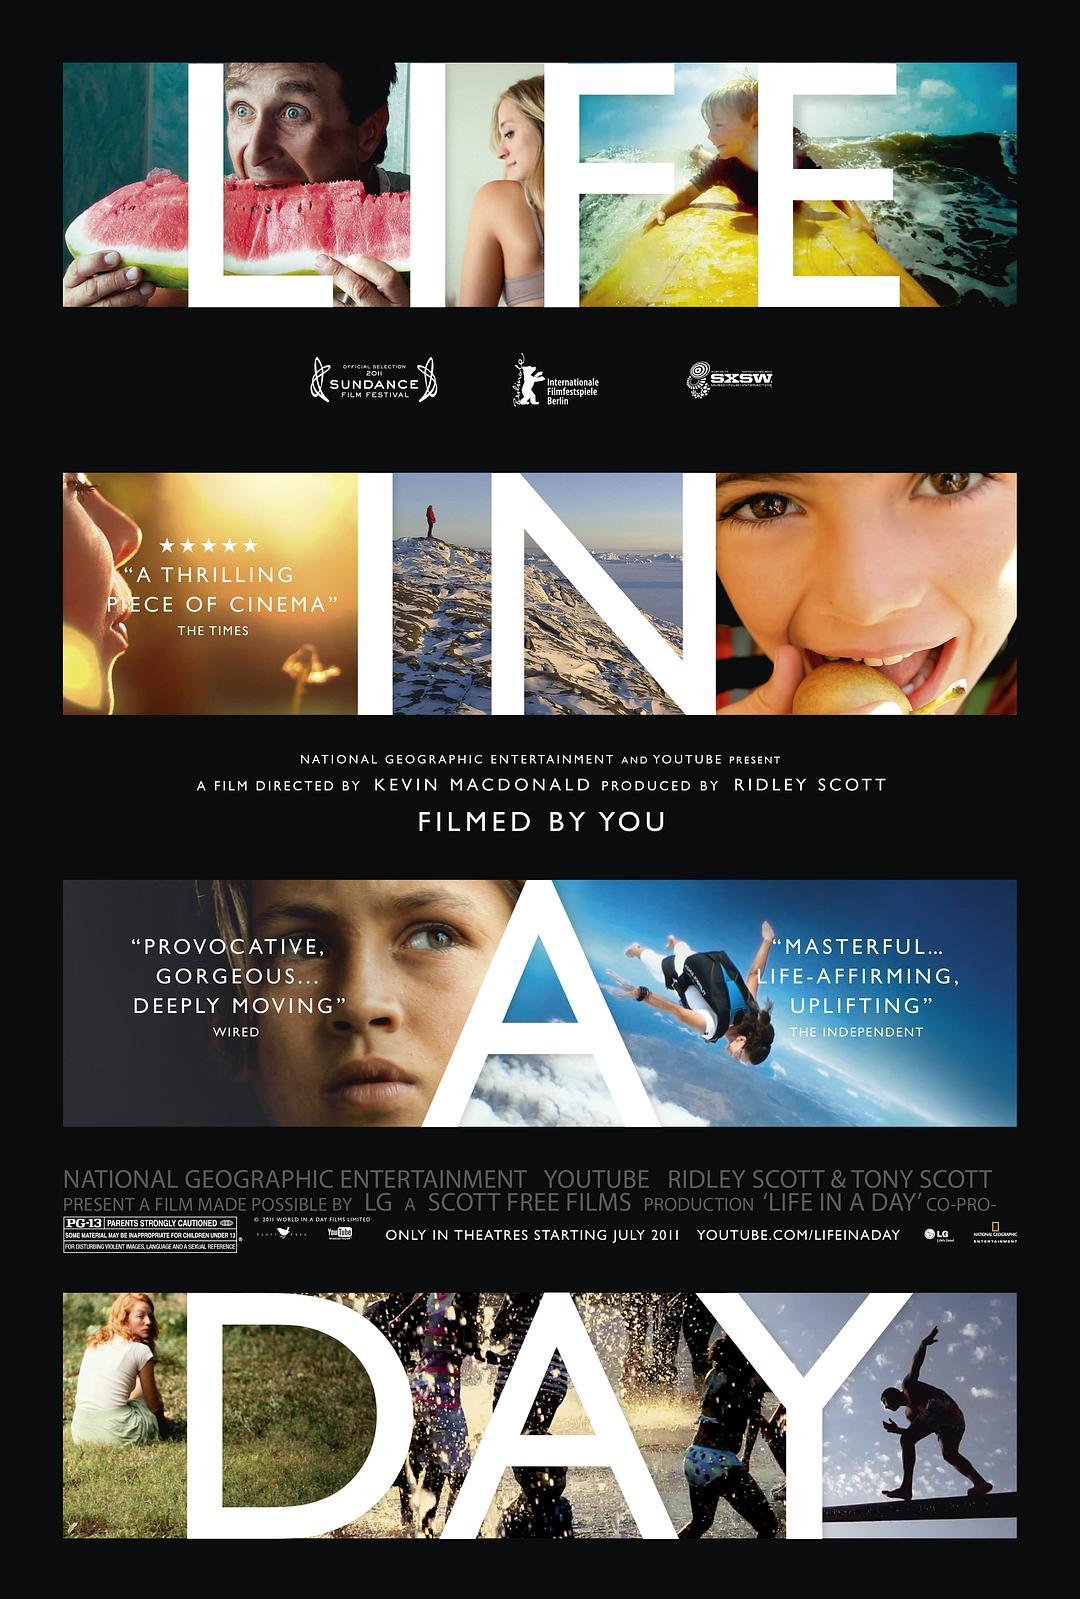 悠悠MP4_MP4电影下载_浮生一日/一日人生 Life.in.a.Day.2011.LIMITED.DOCU.1080p.BluRay.x264-PSYCHD 6.56GB